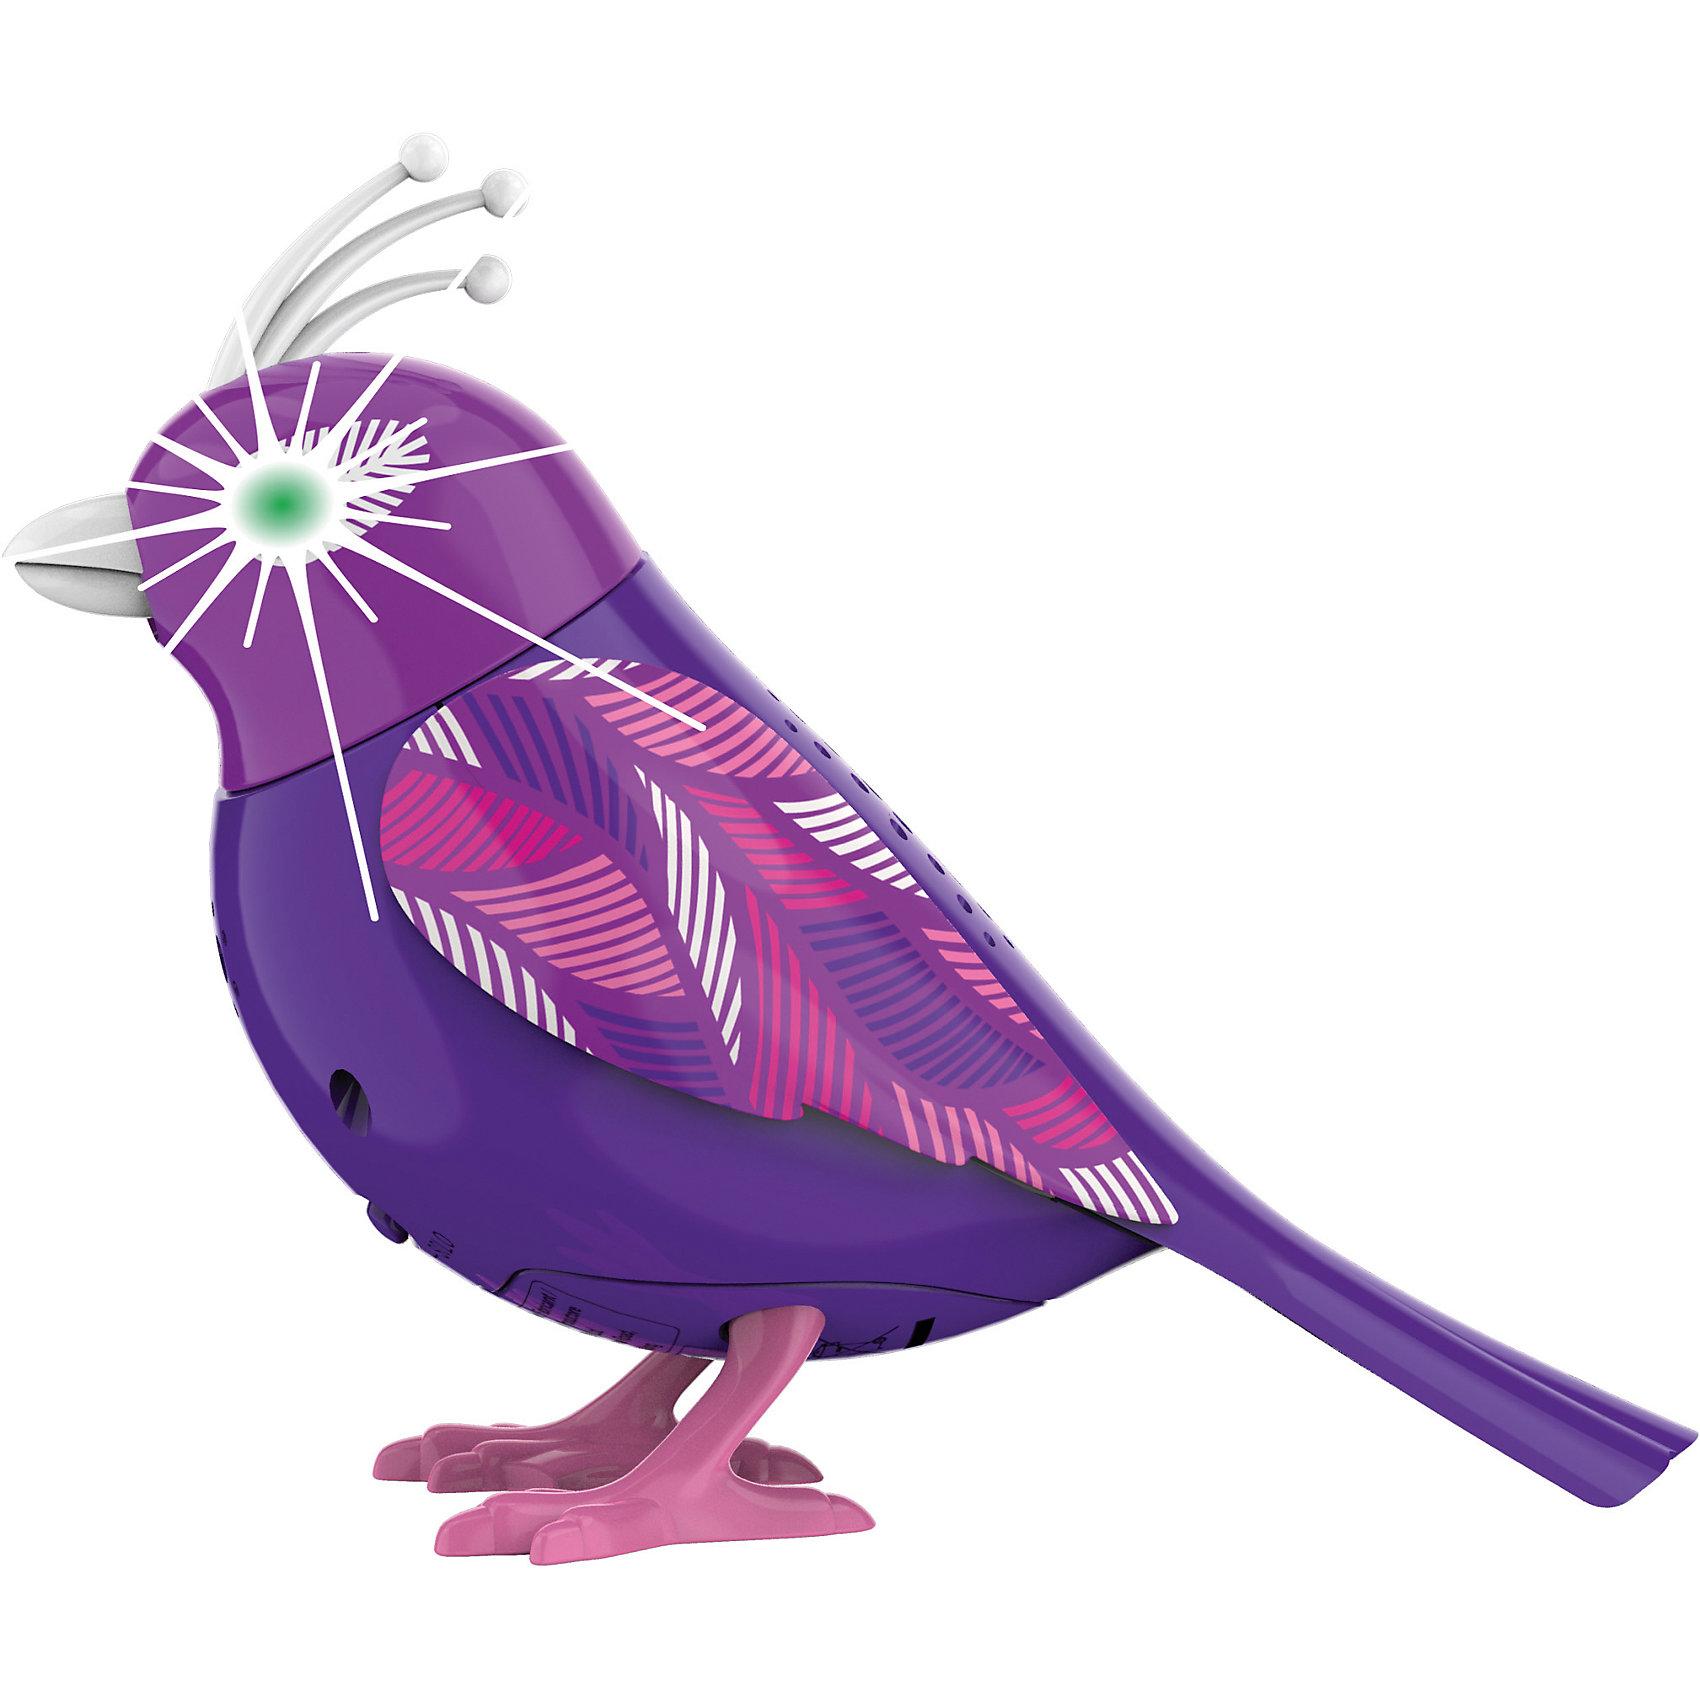 Птичка с мерцающими глазами, в ассортименте, DigiBirdsПтичка с мерцающими глазами, DigiBirds – это забавная интерактивная птичка, которая реагирует на свист, дуновение и звук.<br>Птичка с мерцающими глазами прекрасное дополнением коллекции DigiFriends. Глаза птички мерцают и светятся в такт мелодии. Птичка знает более 55 вариантов мелодий и птичьего щебета. Для активизации птички необходимо подуть на ее клюв. Чтобы птичка защебетала, можно также посвистеть в кольцо-свисток. Ребенок может надеть кольцо-свисток на два пальца, закрепить там птичку и свободно играть или даже бегать. Птичка совместима с другими птичками из серии Digibirds (ДигиБердс). В каждую птицу встроен сенсорный датчик, позволяющий им «слышать» своих сородичей. Первая включенная птичка будет солистом – остальные будут вторить ее щебету.<br><br>Дополнительная информация:<br><br>- В наборе: птица, кольцо-свисток<br>- Цвет в ассортименте<br>- Материал: пластик<br>- Батарейки: 3 типа LR44 (входят в комплект)<br>- Размер упаковки: 6,4х15,2х10,2 см.<br>- Вес: 91 гр.<br>- ВНИМАНИЕ! Данный артикул представлен в разных вариантах исполнения. К сожалению, заранее выбрать определенный вариант невозможно. При заказе нескольких наборов возможно получение одинаковых<br><br>Птичку с мерцающими глазами, DigiBirds (ДигиБердс) можно купить в нашем интернет-магазине.<br><br>Ширина мм: 64<br>Глубина мм: 152<br>Высота мм: 102<br>Вес г: 91<br>Возраст от месяцев: 36<br>Возраст до месяцев: 84<br>Пол: Унисекс<br>Возраст: Детский<br>SKU: 4380237